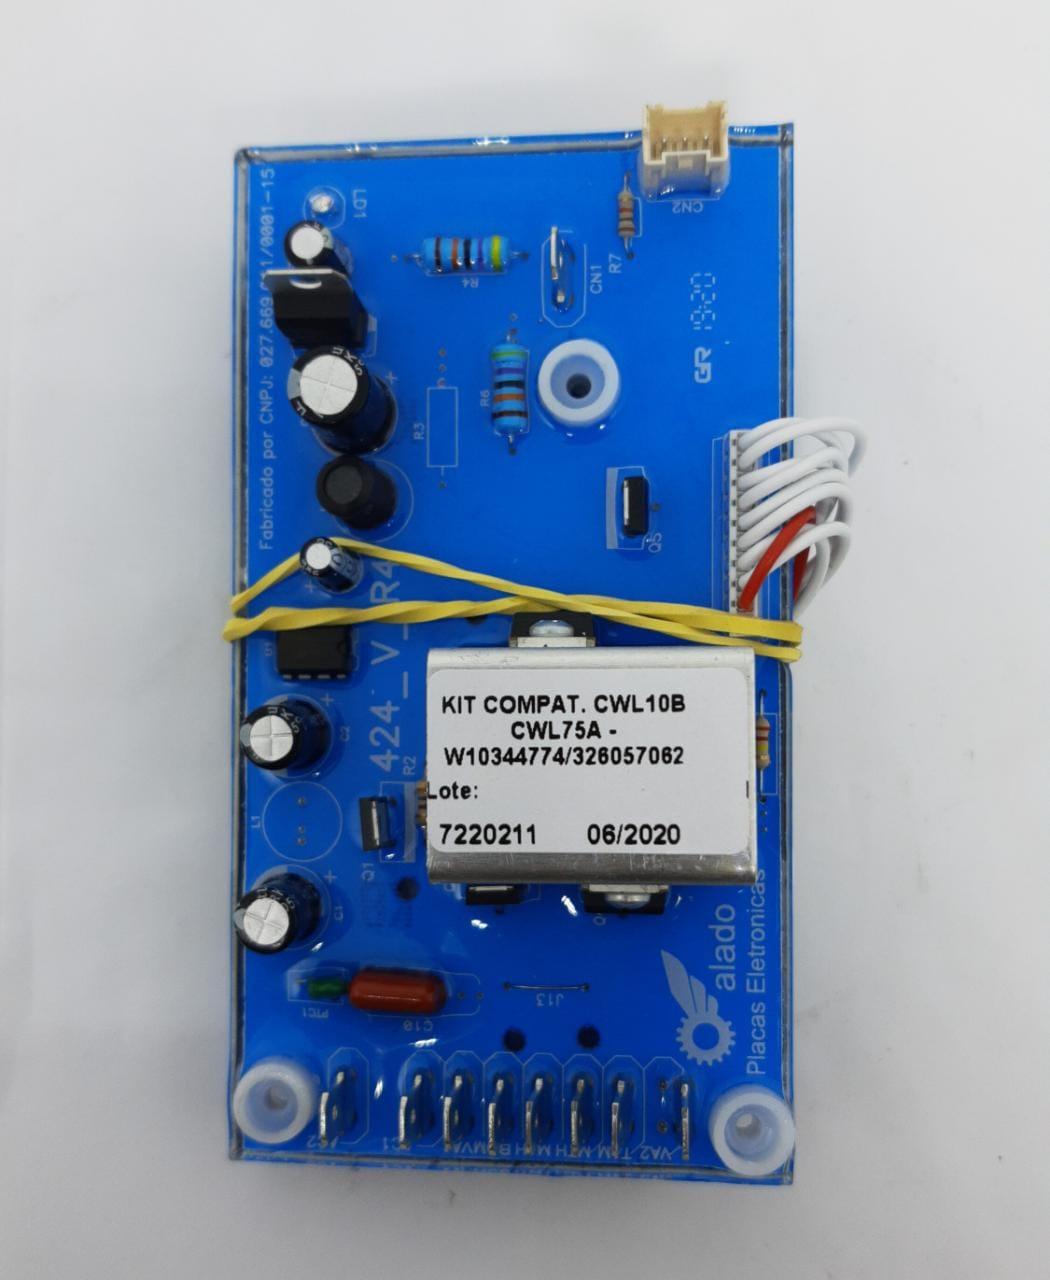 Kit Interface + Placa De Potência Cwl10b Cwl75a W10344774 326057062 - Alado